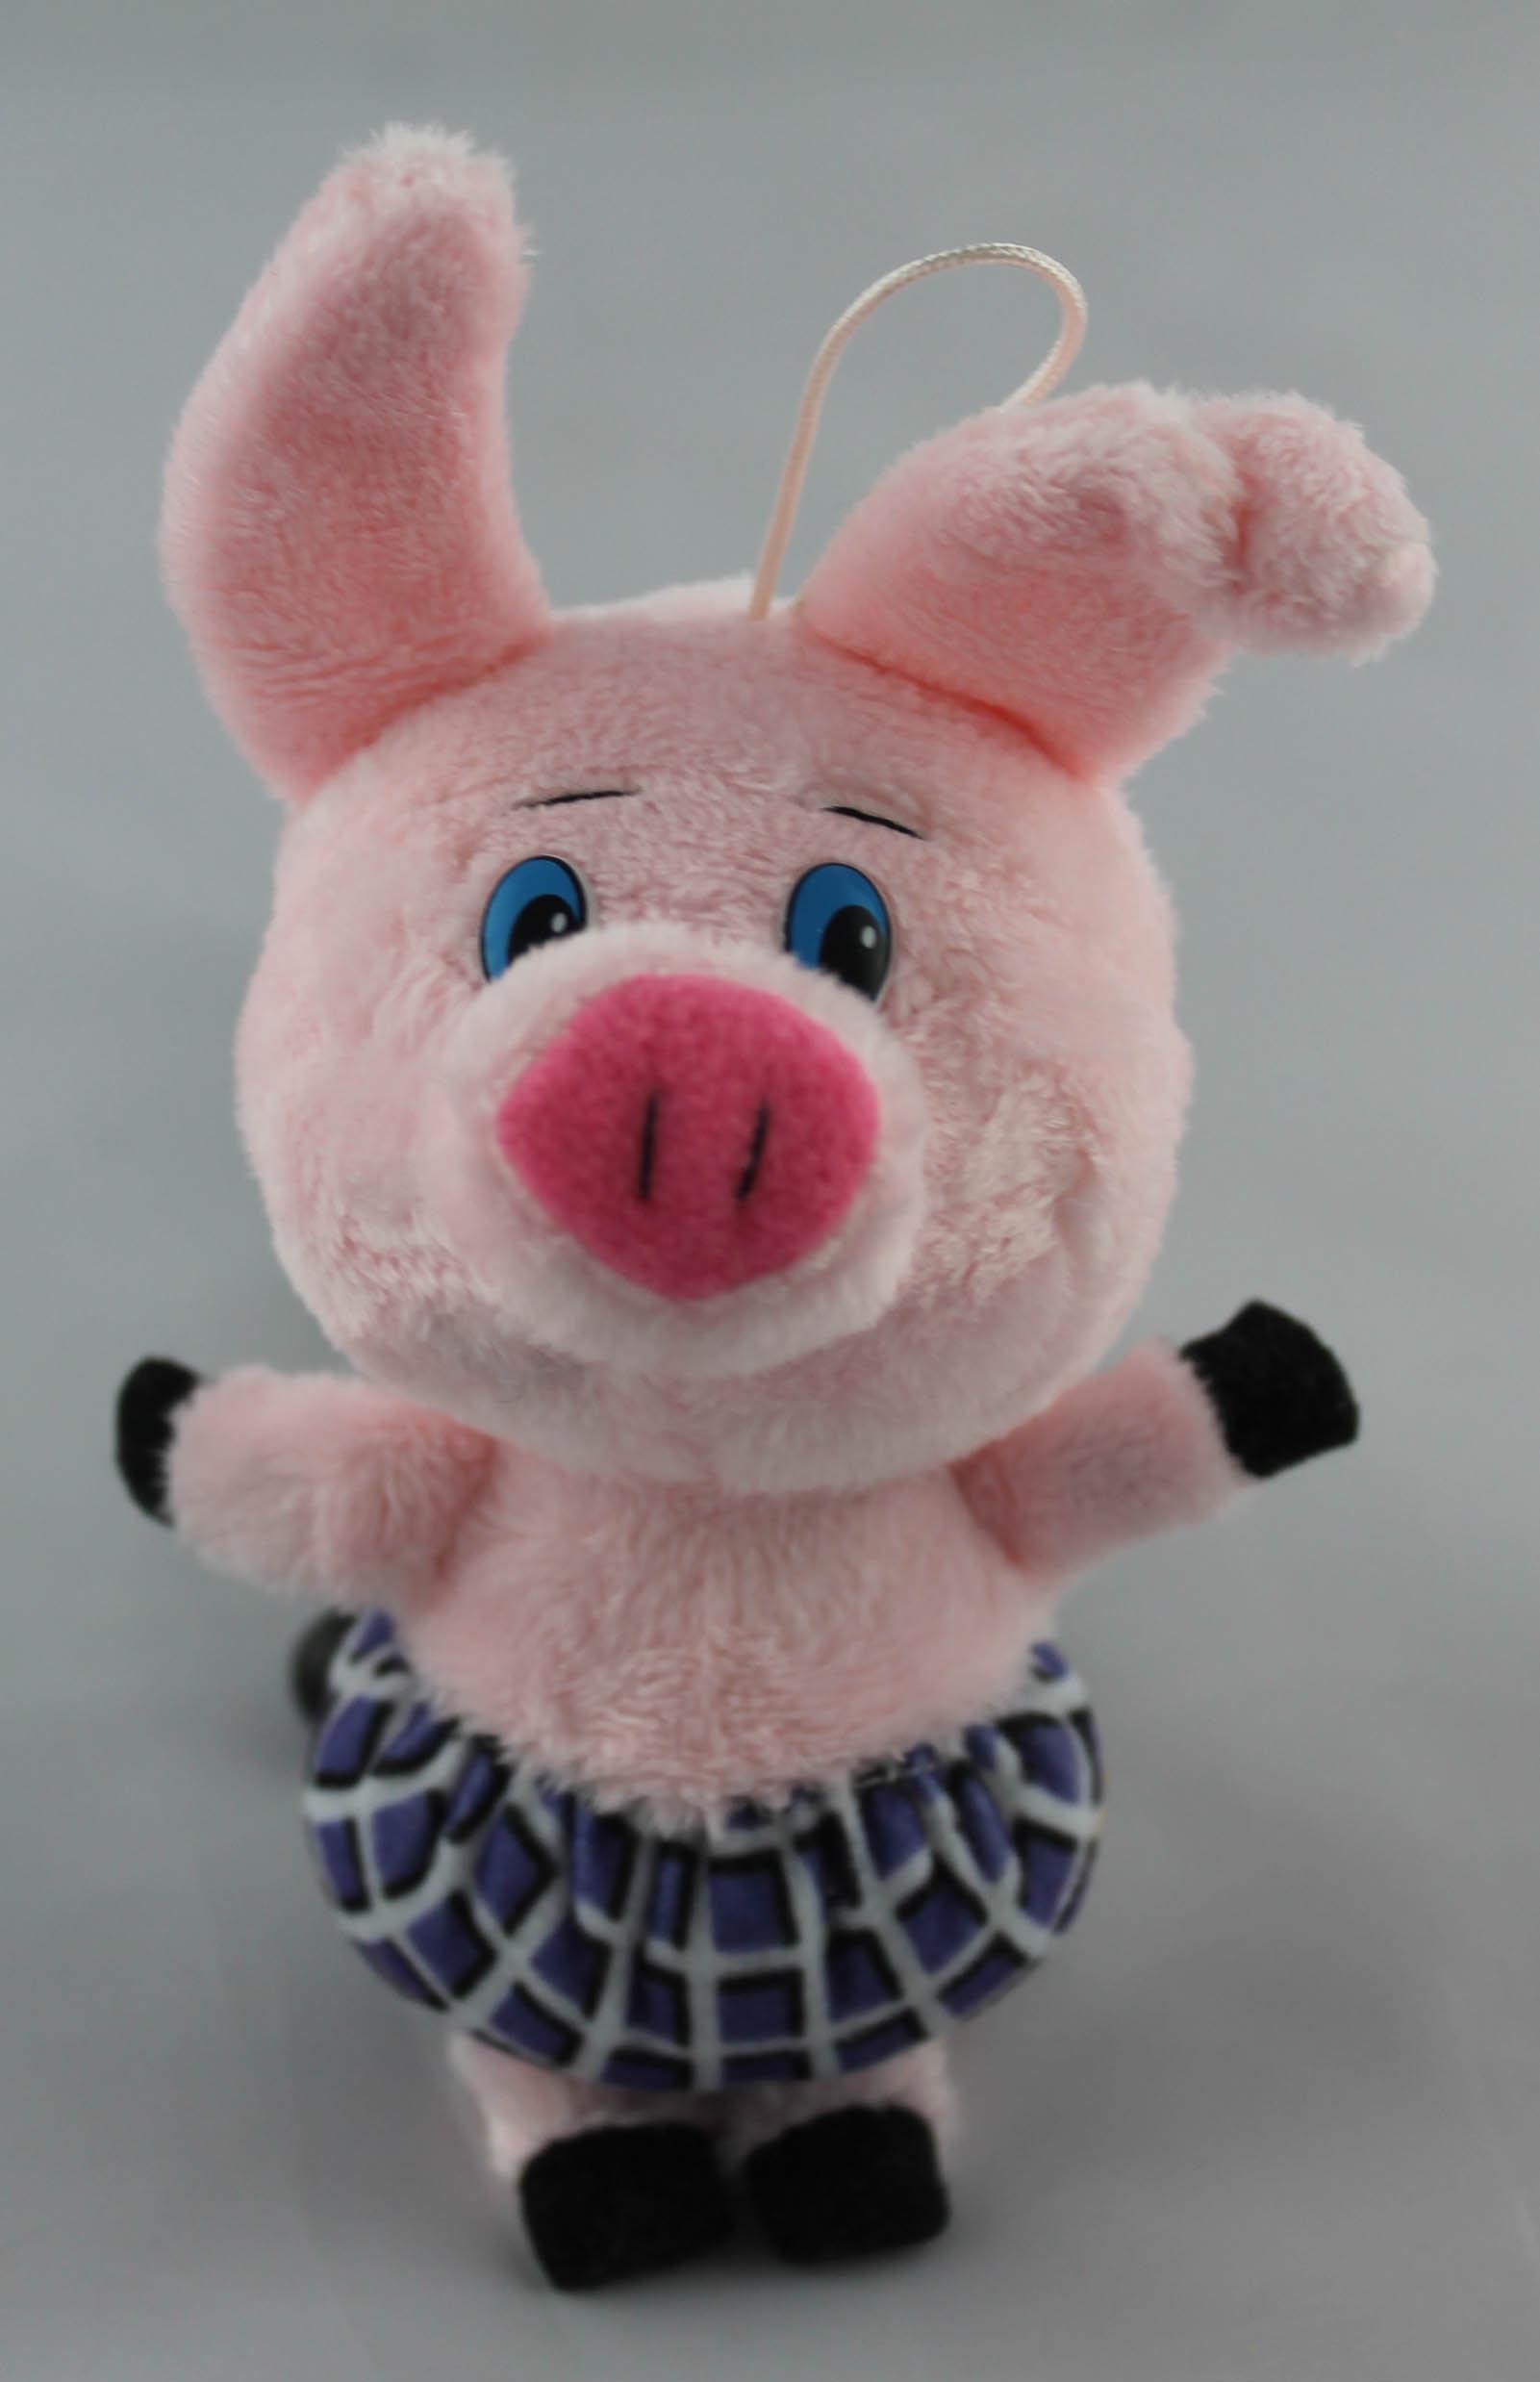 Male Prasatko Pig Plysovy Darek Od Popularni Deti Medvidek Pu Tv